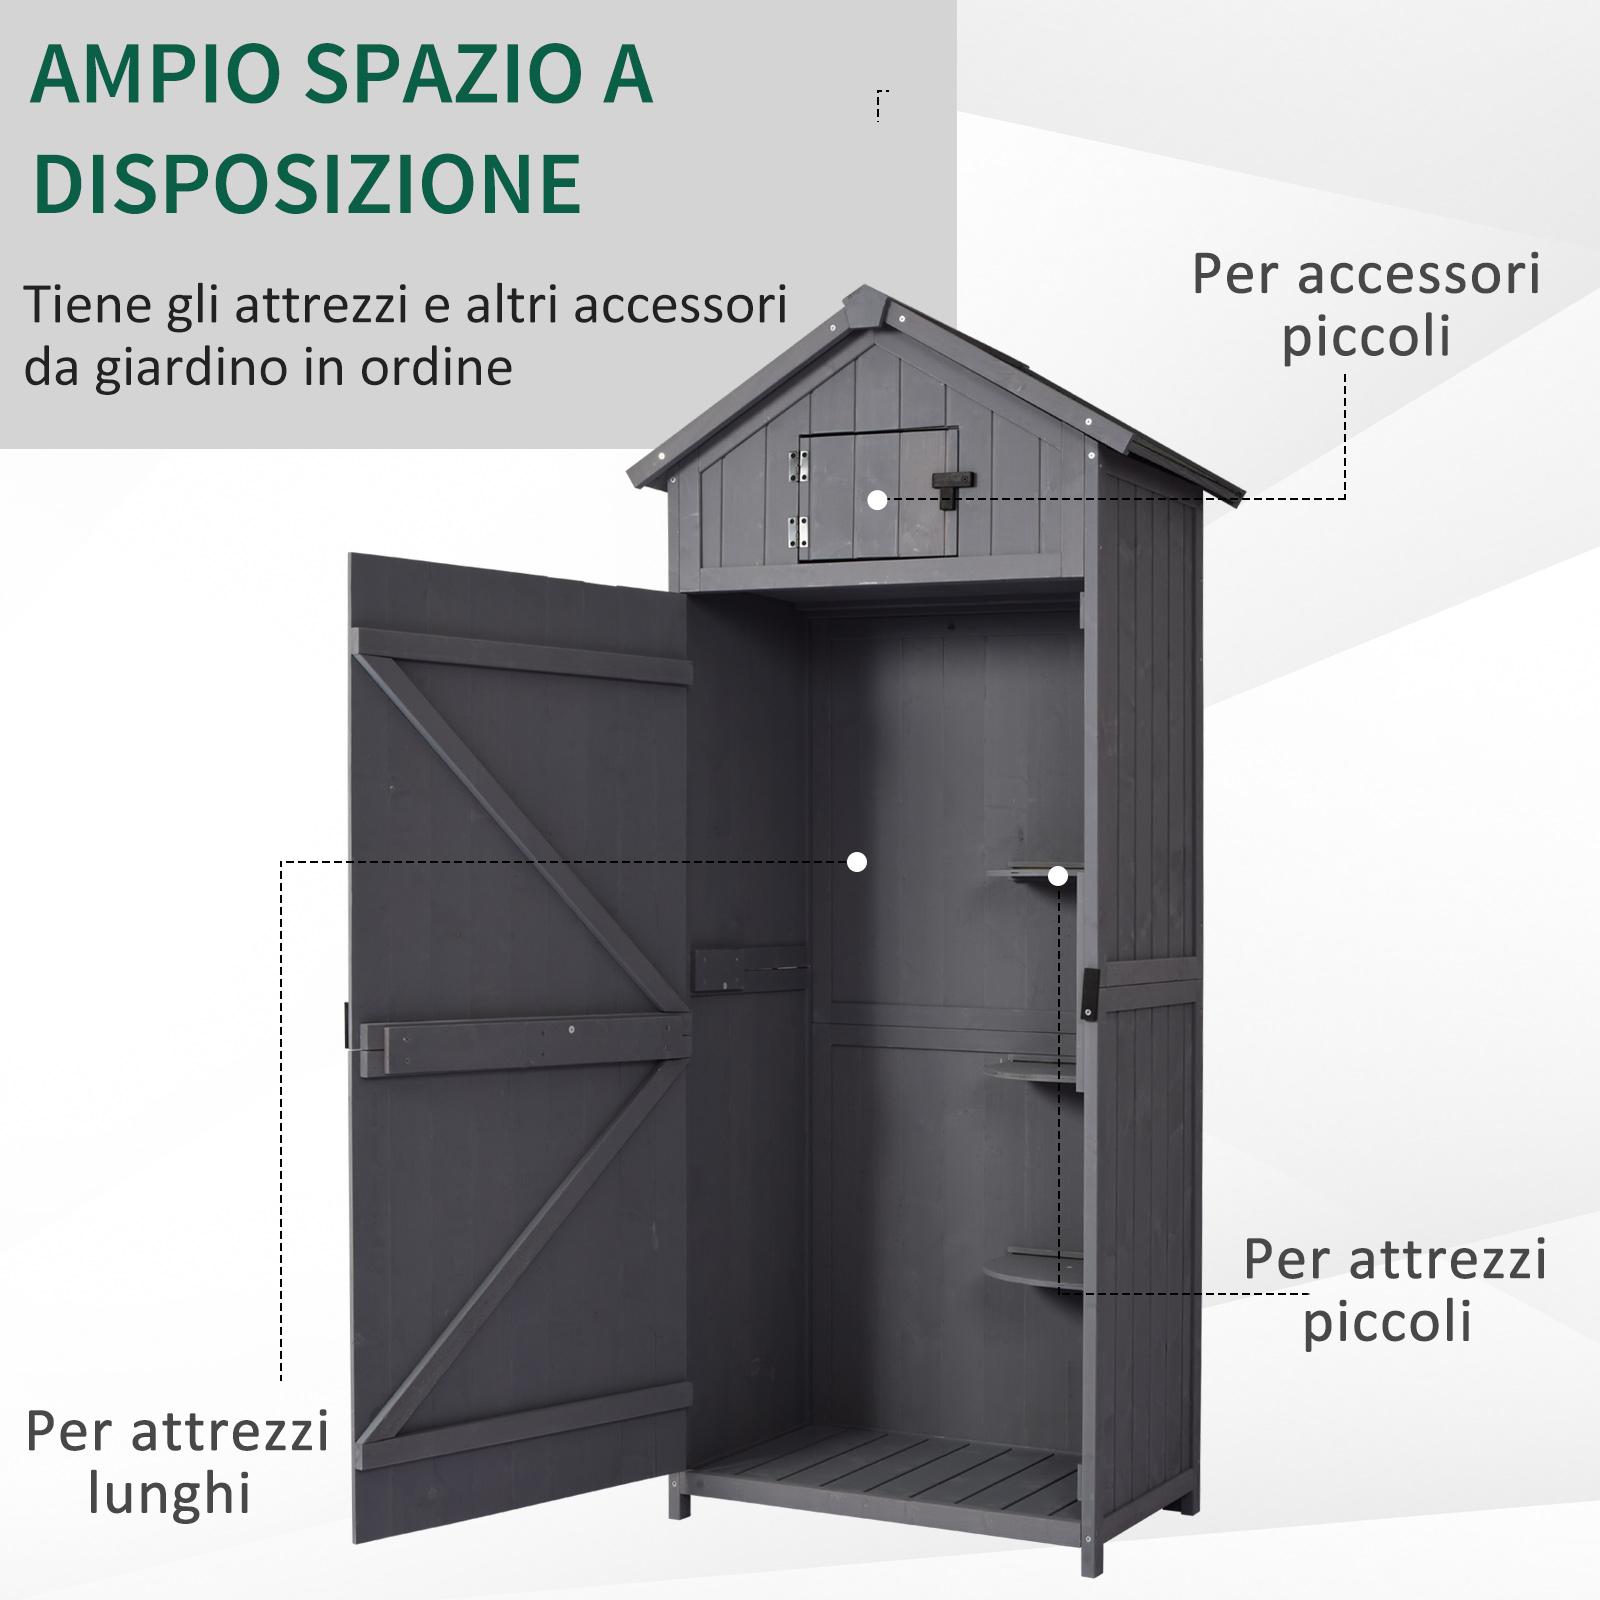 miniatura 15 - Outsunny  Armadietto da Giardino Esterno Porta Attrezzi in Legno con 3 Mensole